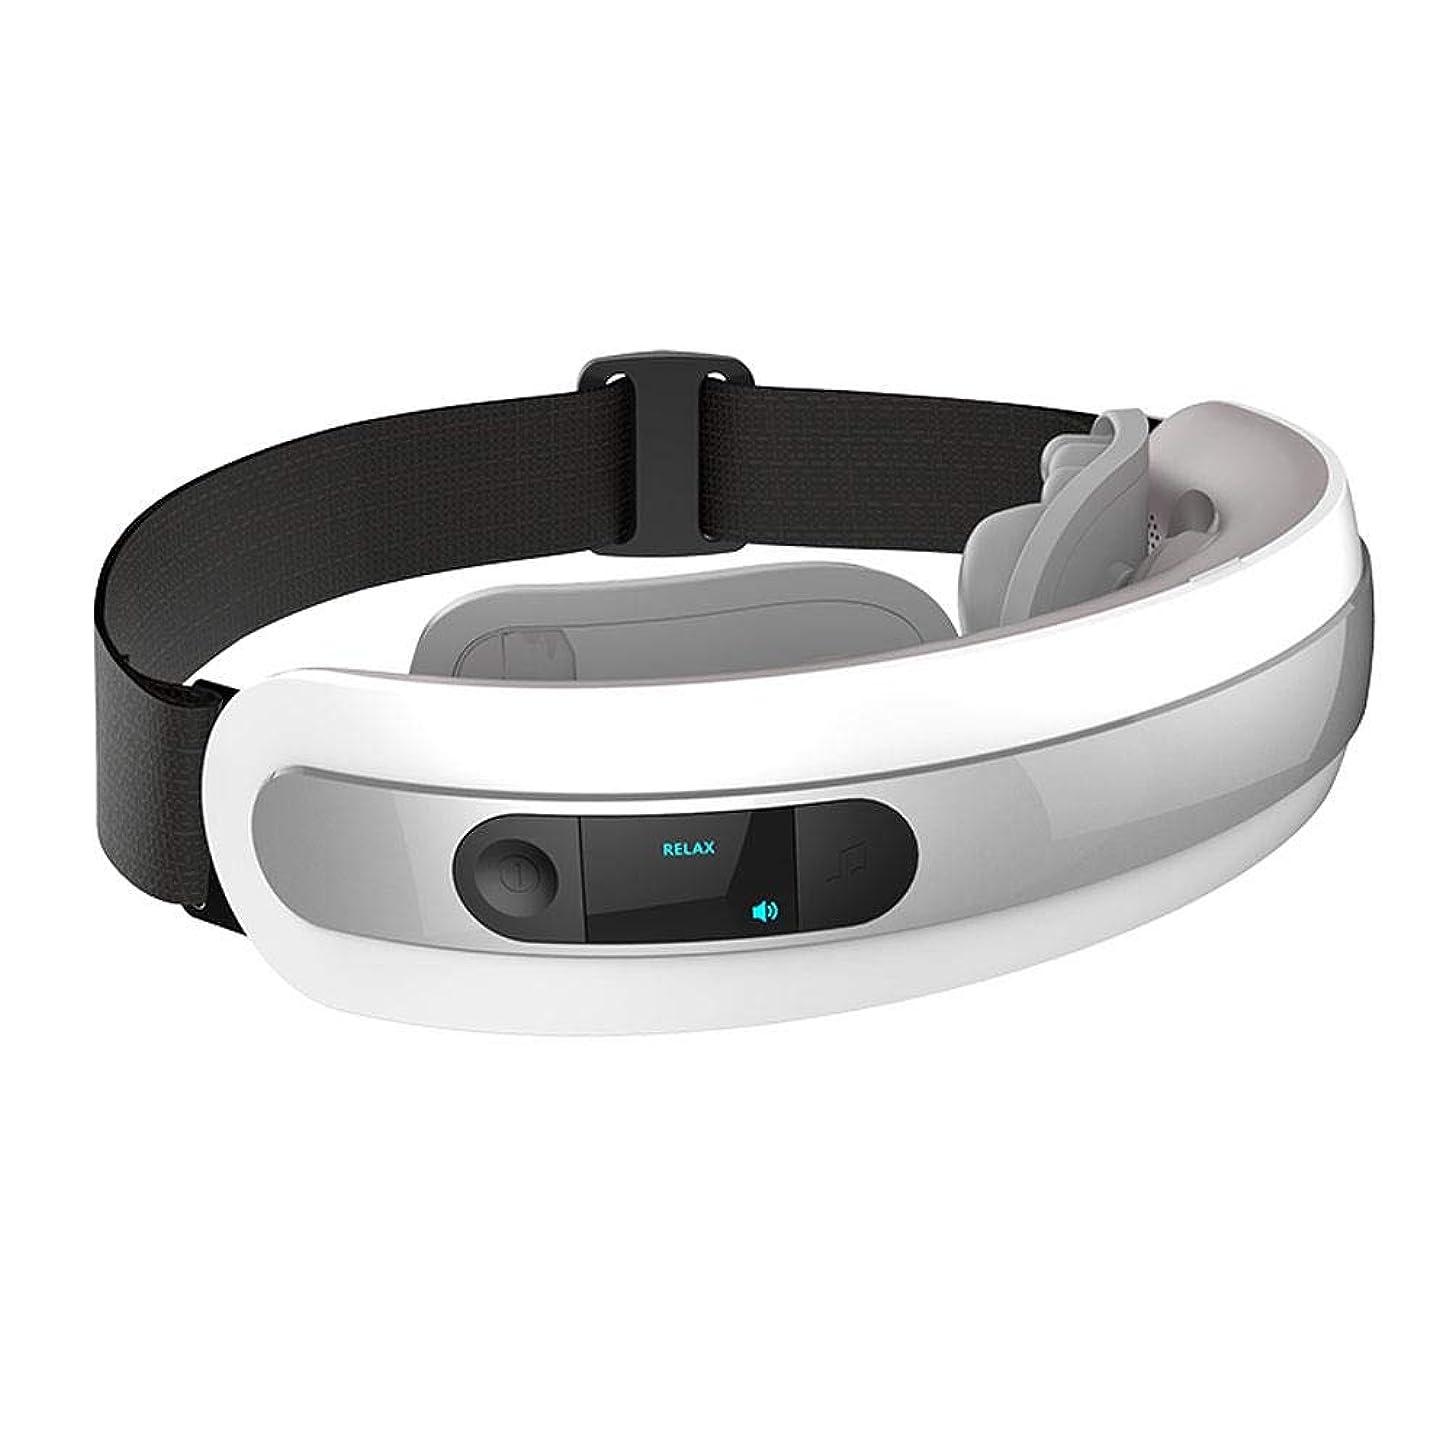 ごみ例ソフトウェアアイマッサージャー-アイケアのしわの疲労、音楽的なワイヤレス振動磁気療法の暖房ガラス、あなたが旅行するとき非常に運びやすい